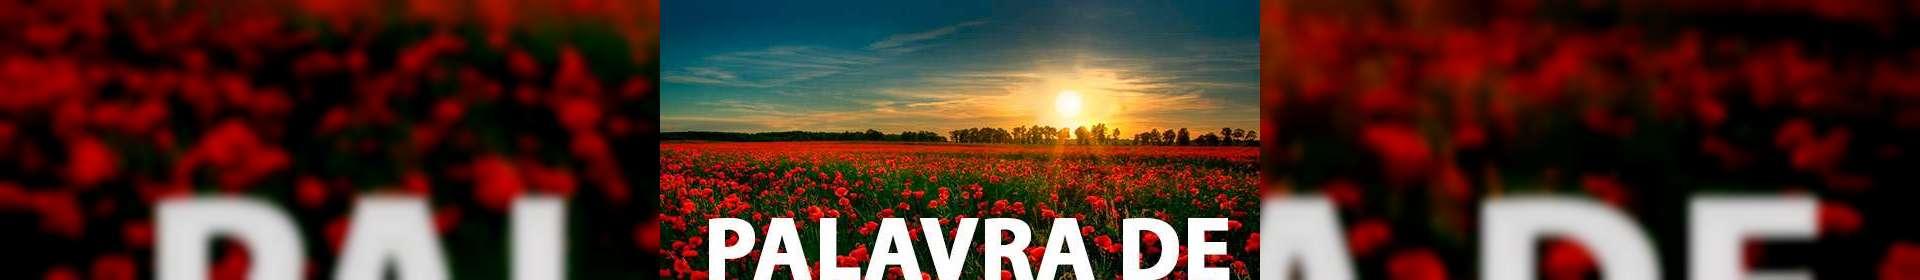 Salmos 119:153,154 - Uma Palavra de Esperança para sua vida